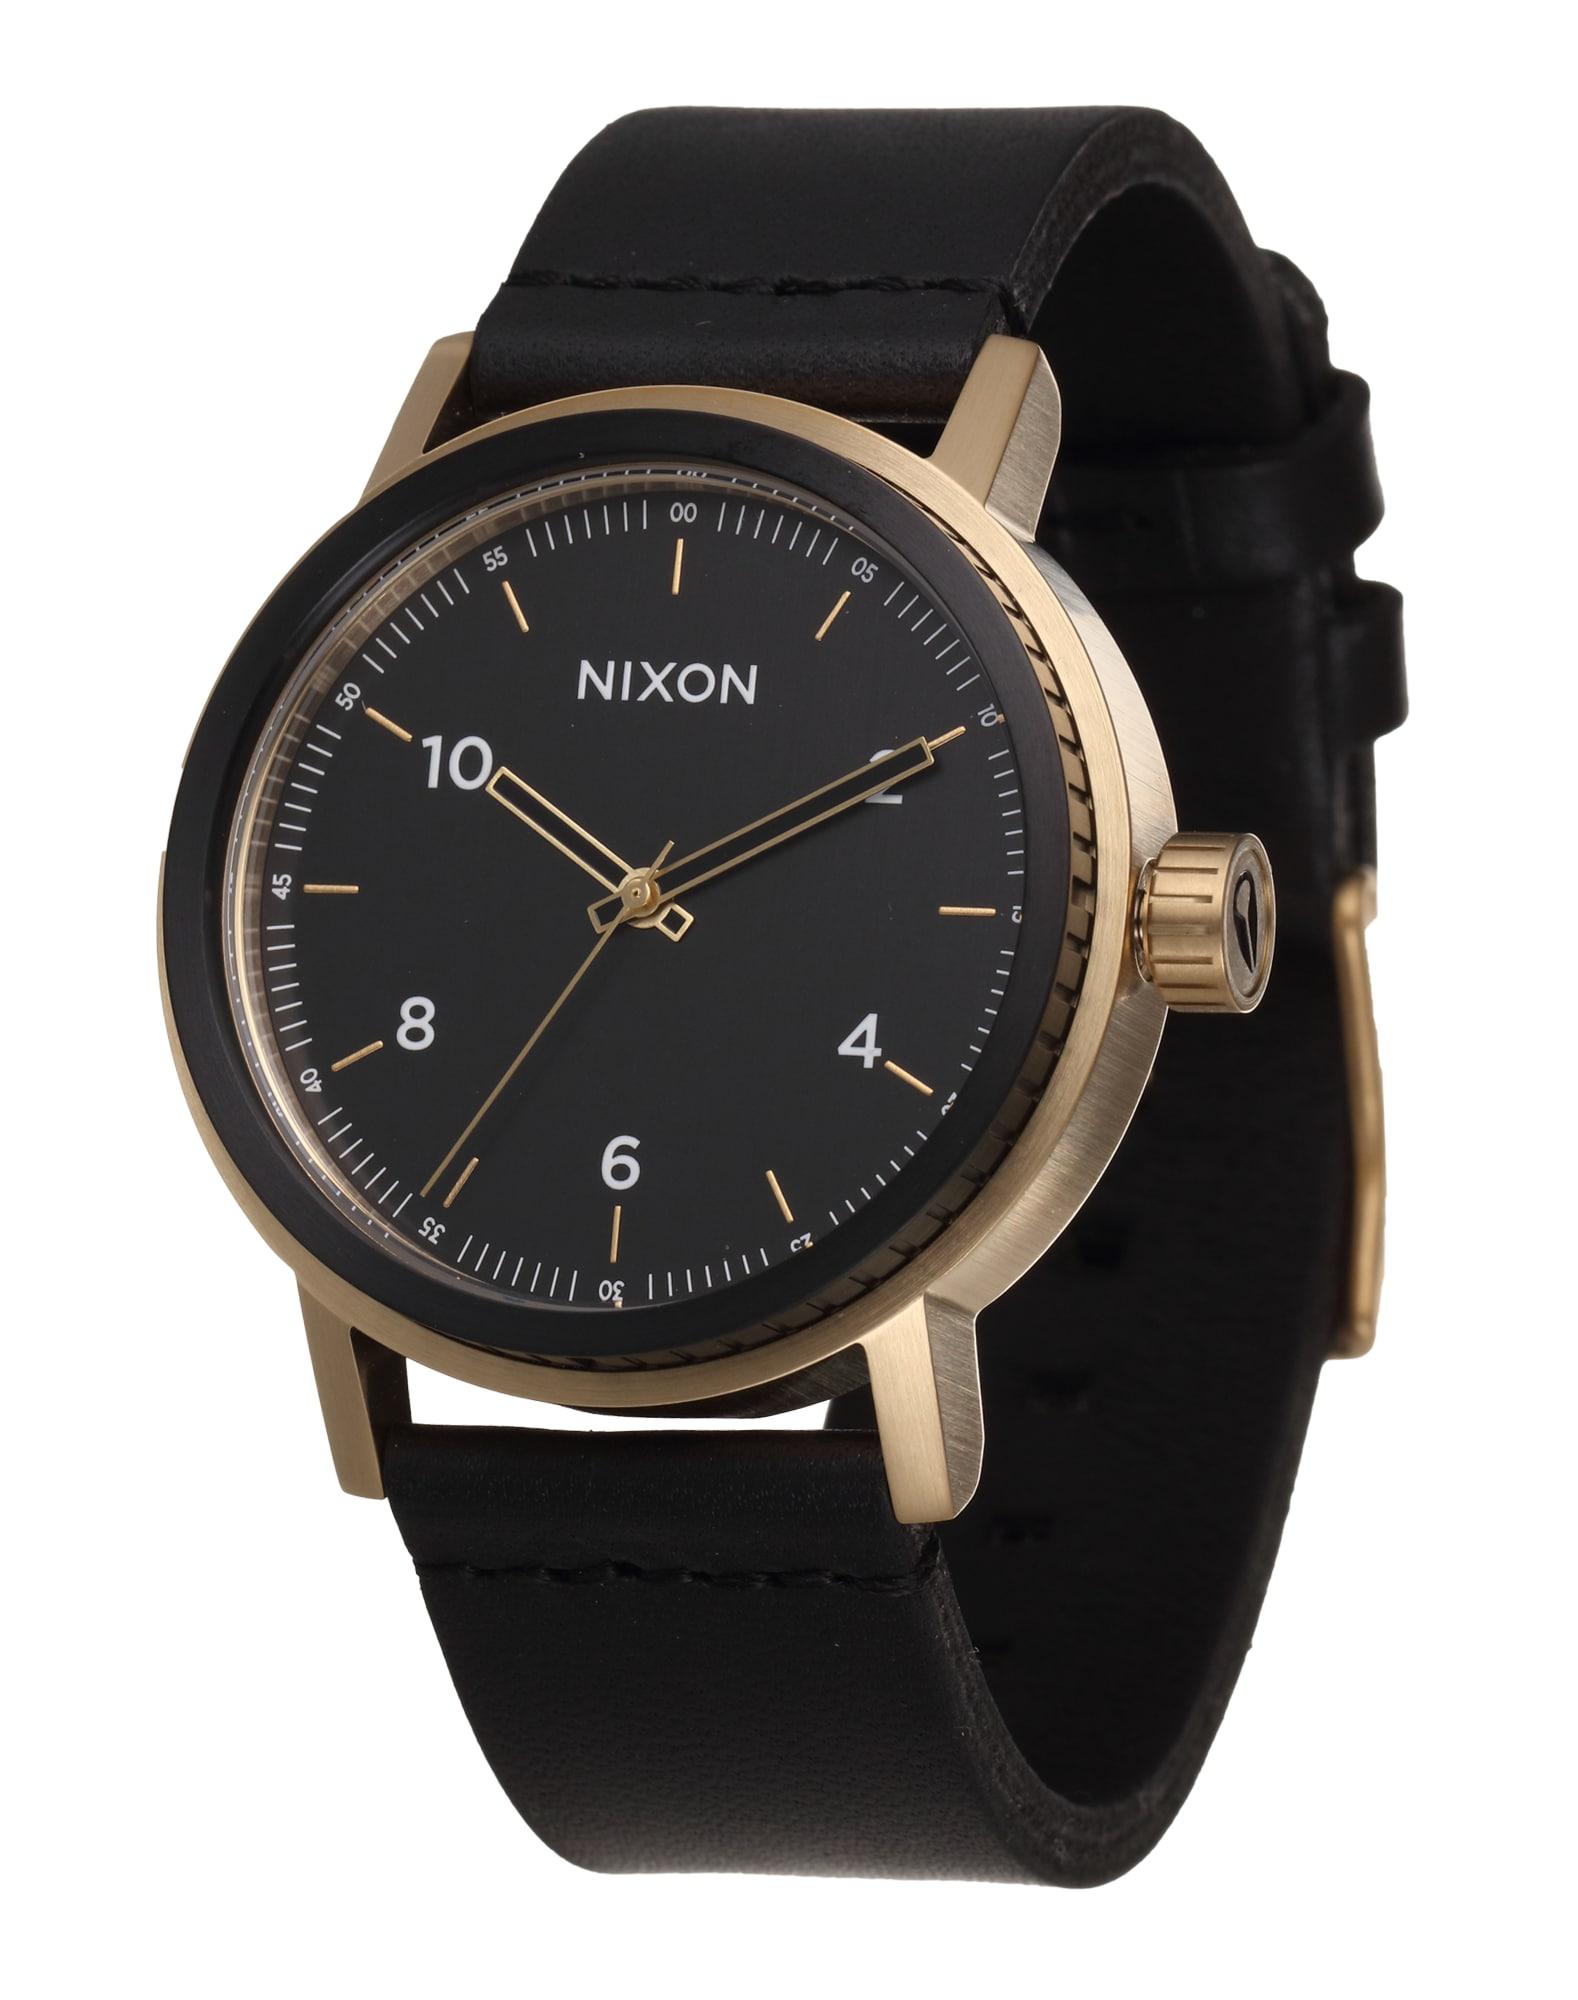 Analogové hodinky Stark Leather zlatá černá Nixon